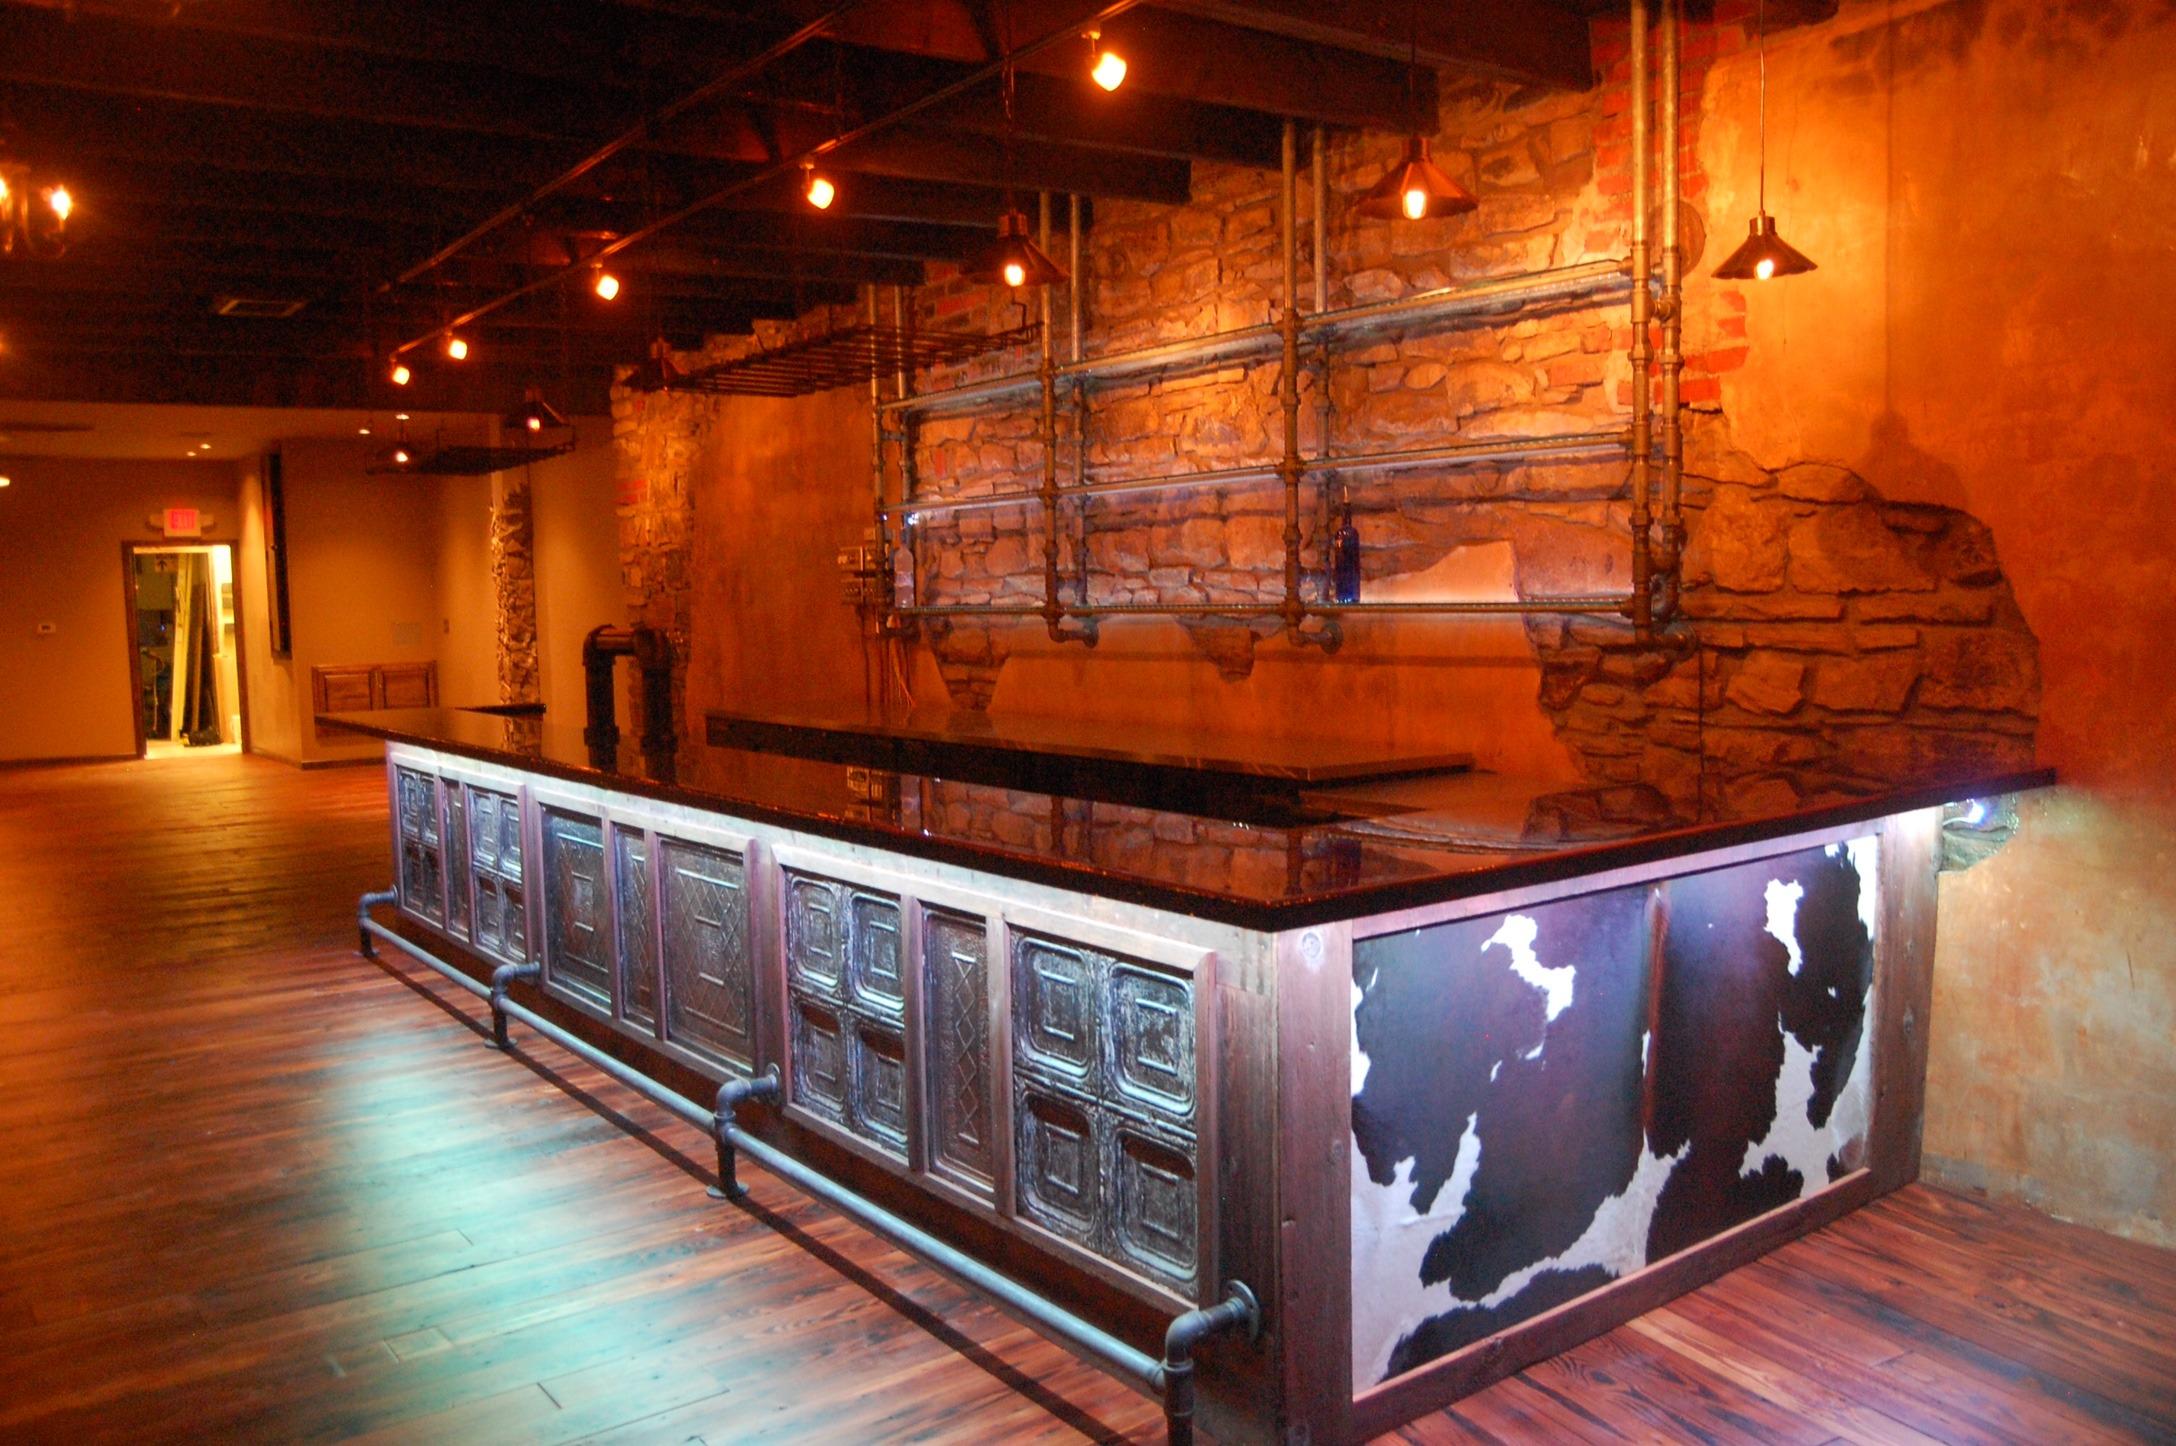 Cowhide rug on bar